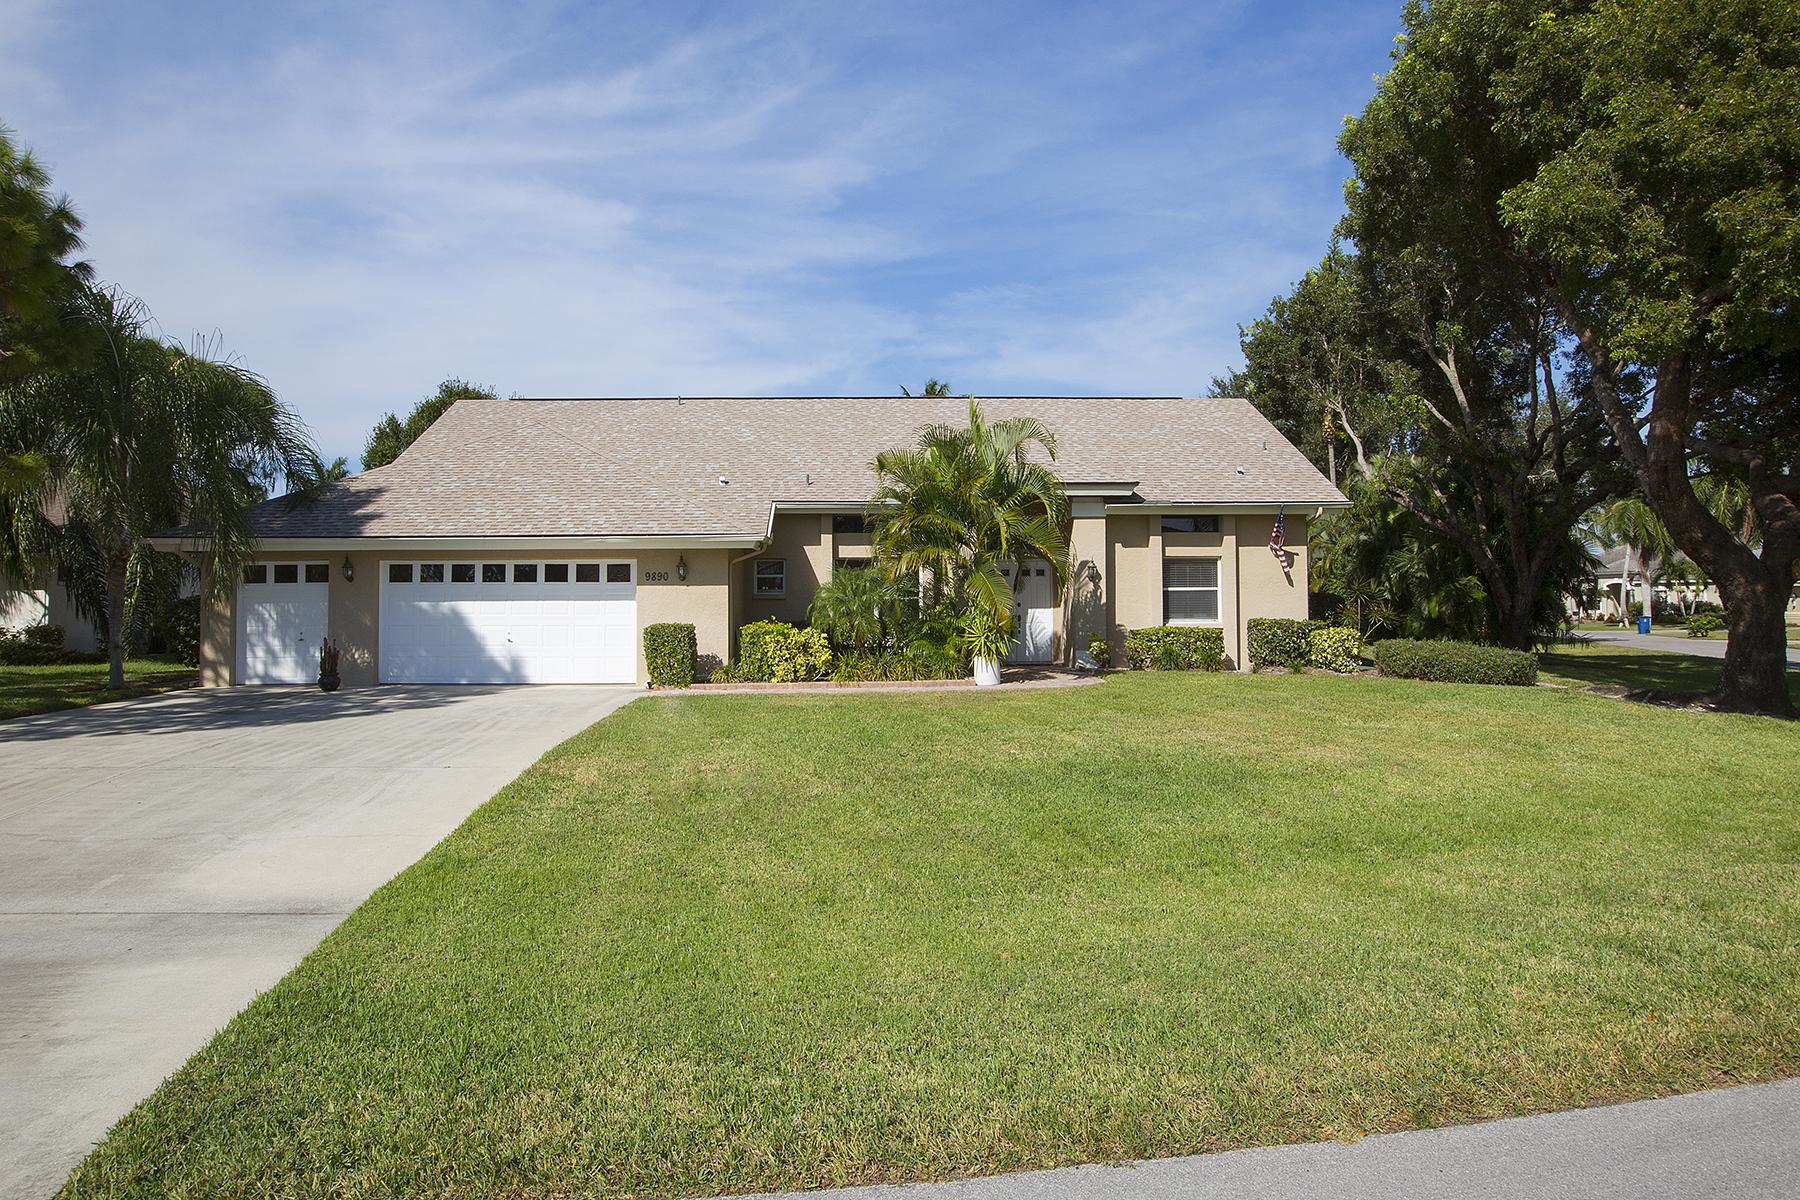 Maison unifamiliale pour l Vente à SPANISH WELLS 9890 El Greco Cir Bonita Springs, Florida, 34135 États-Unis